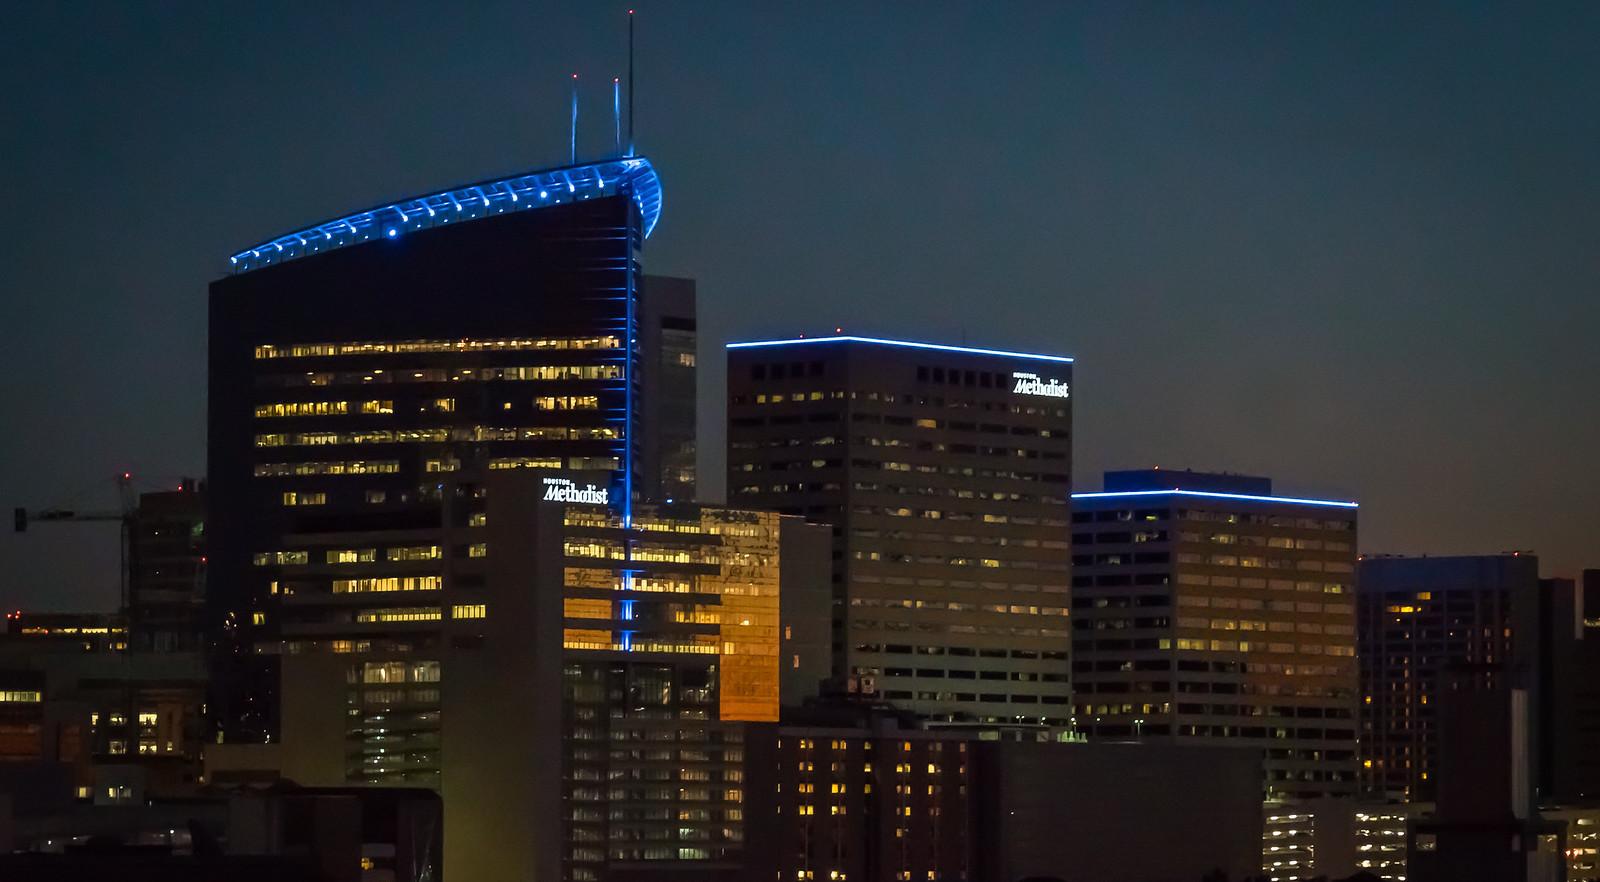 Houston Methodist Hospital_wide.jpg